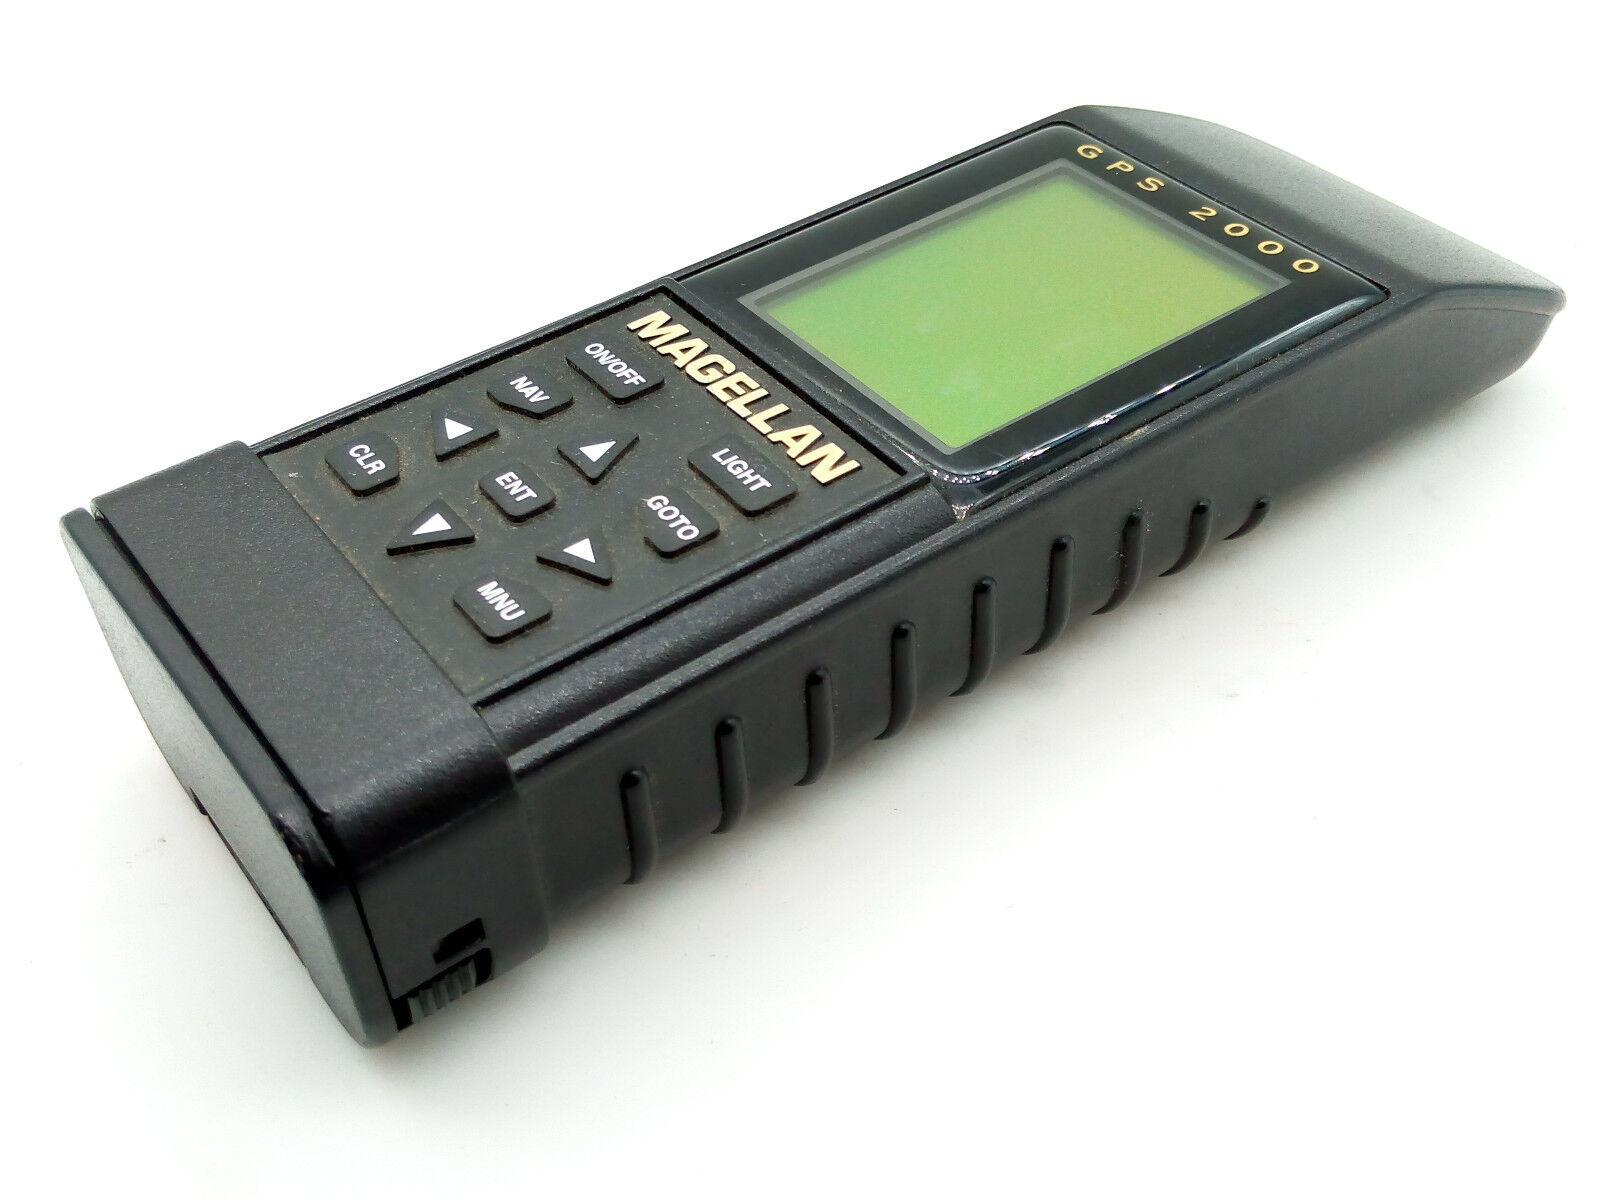 Megellan GPS 2000 PN 62010                                        APR1318.25.01